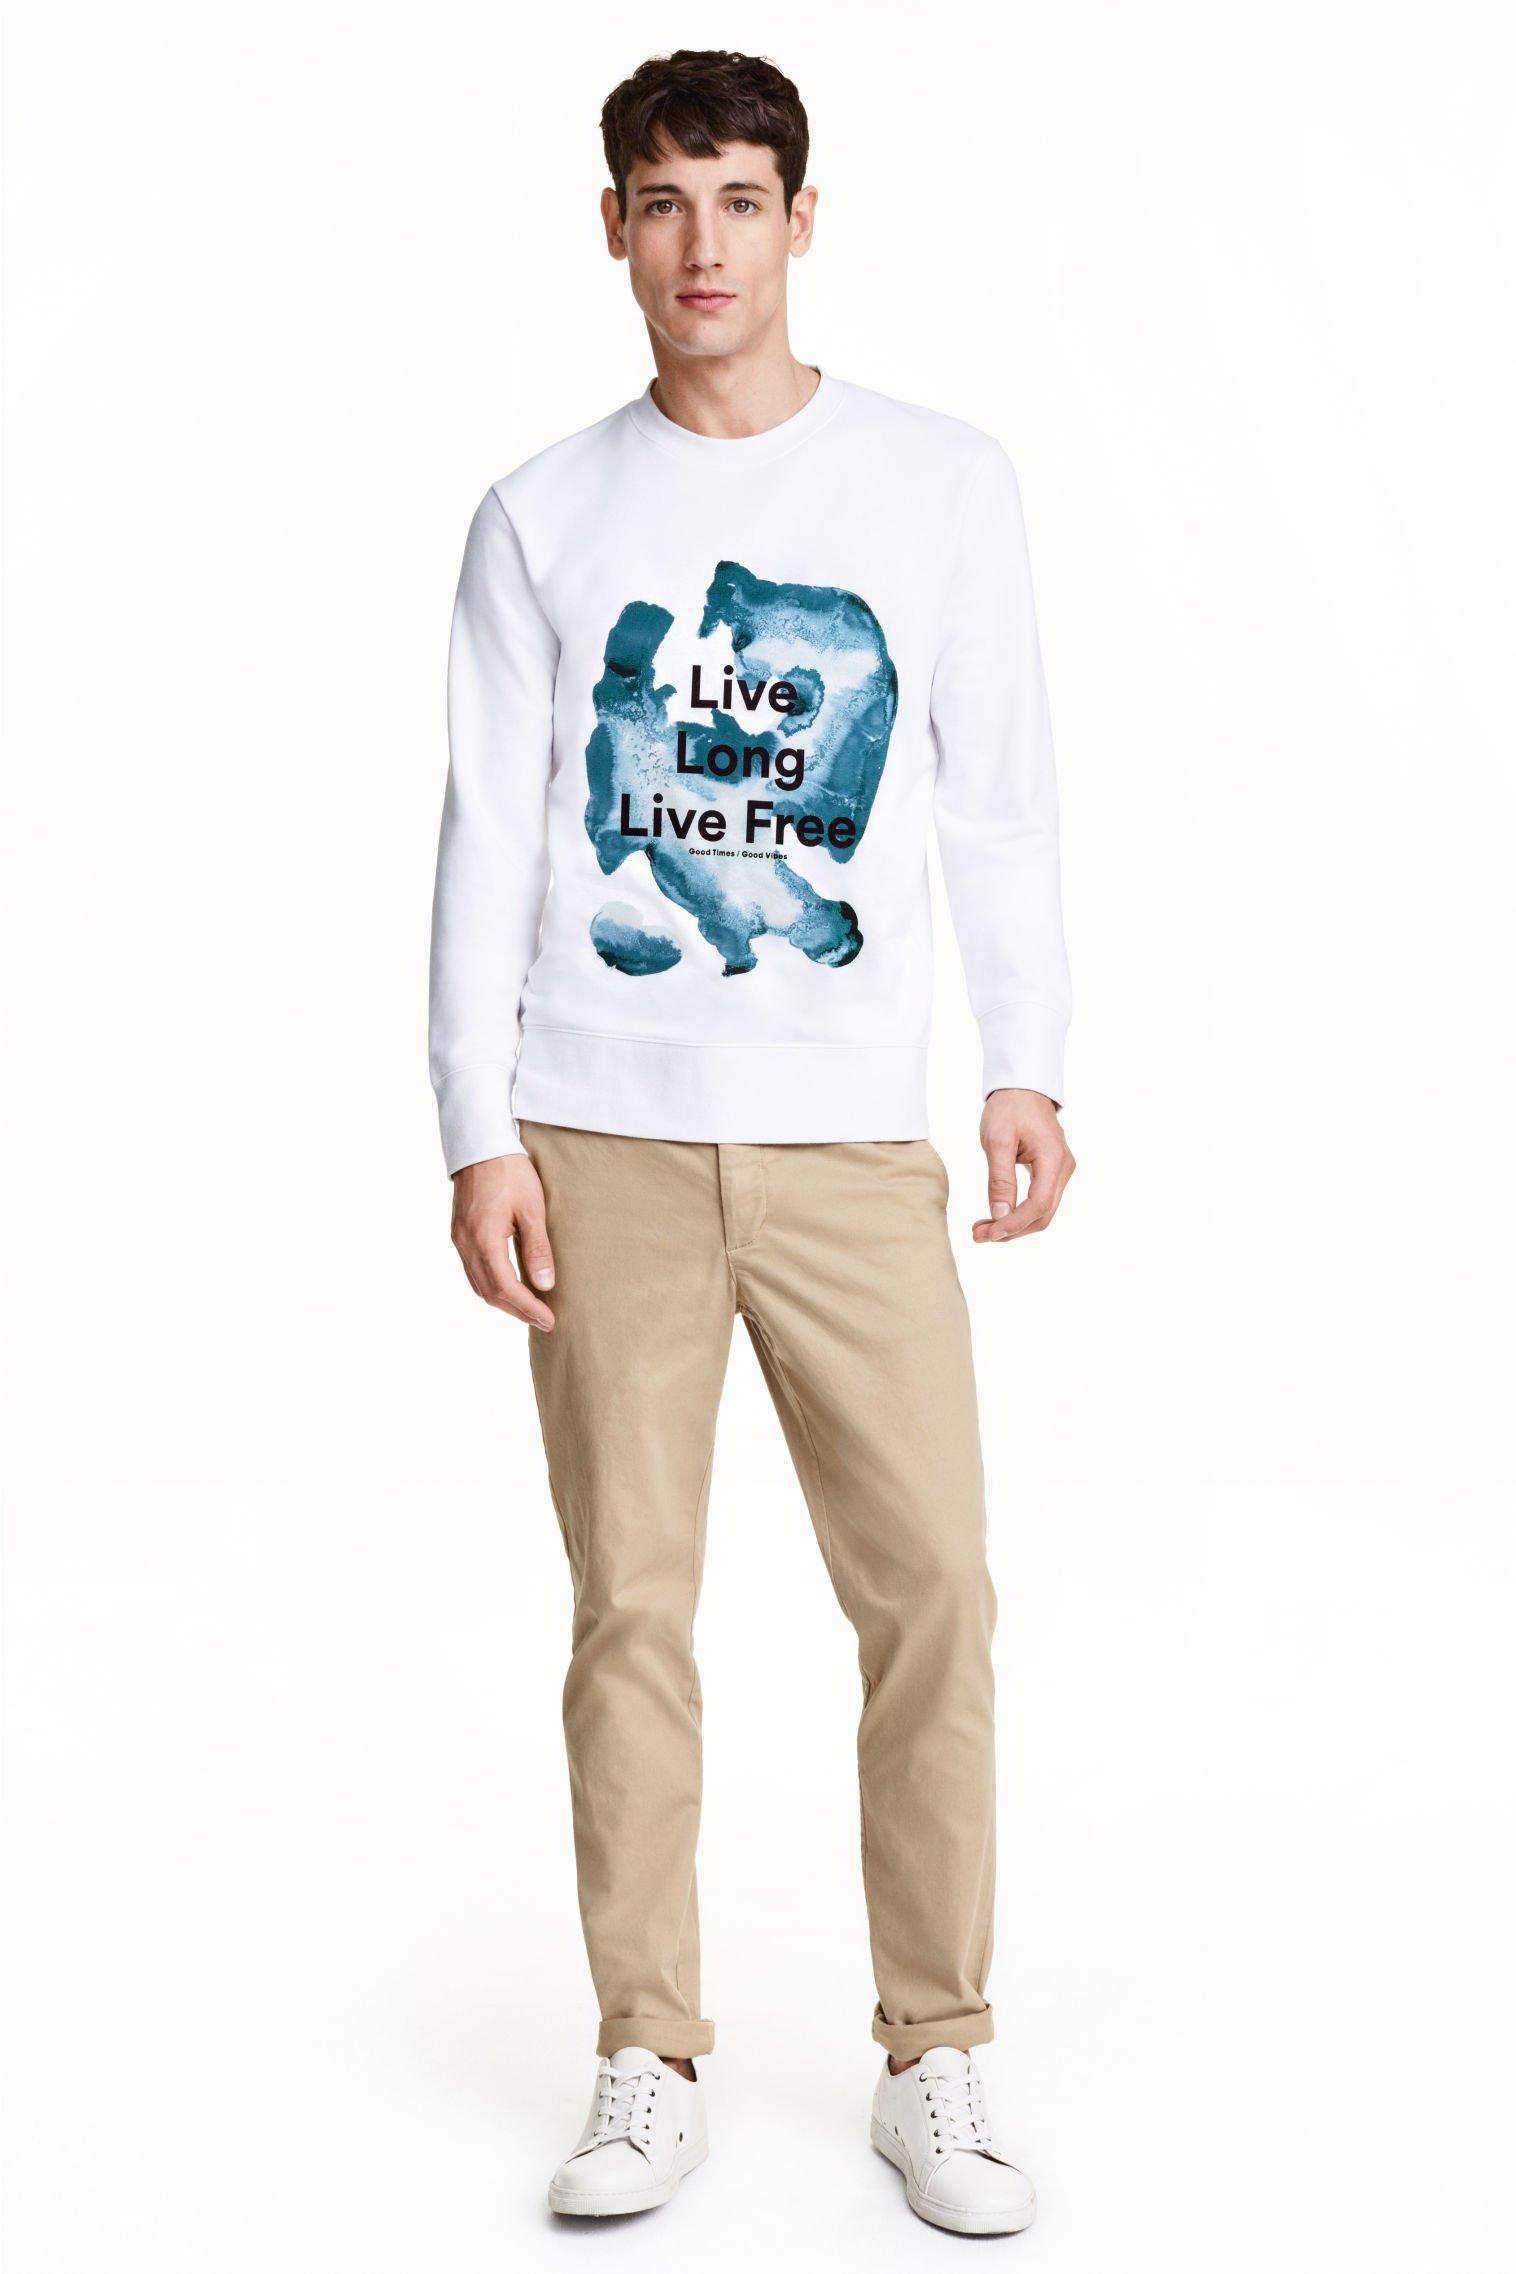 H&M CHINO CHINOSY SLIM LEG beż duże W36 38 REG